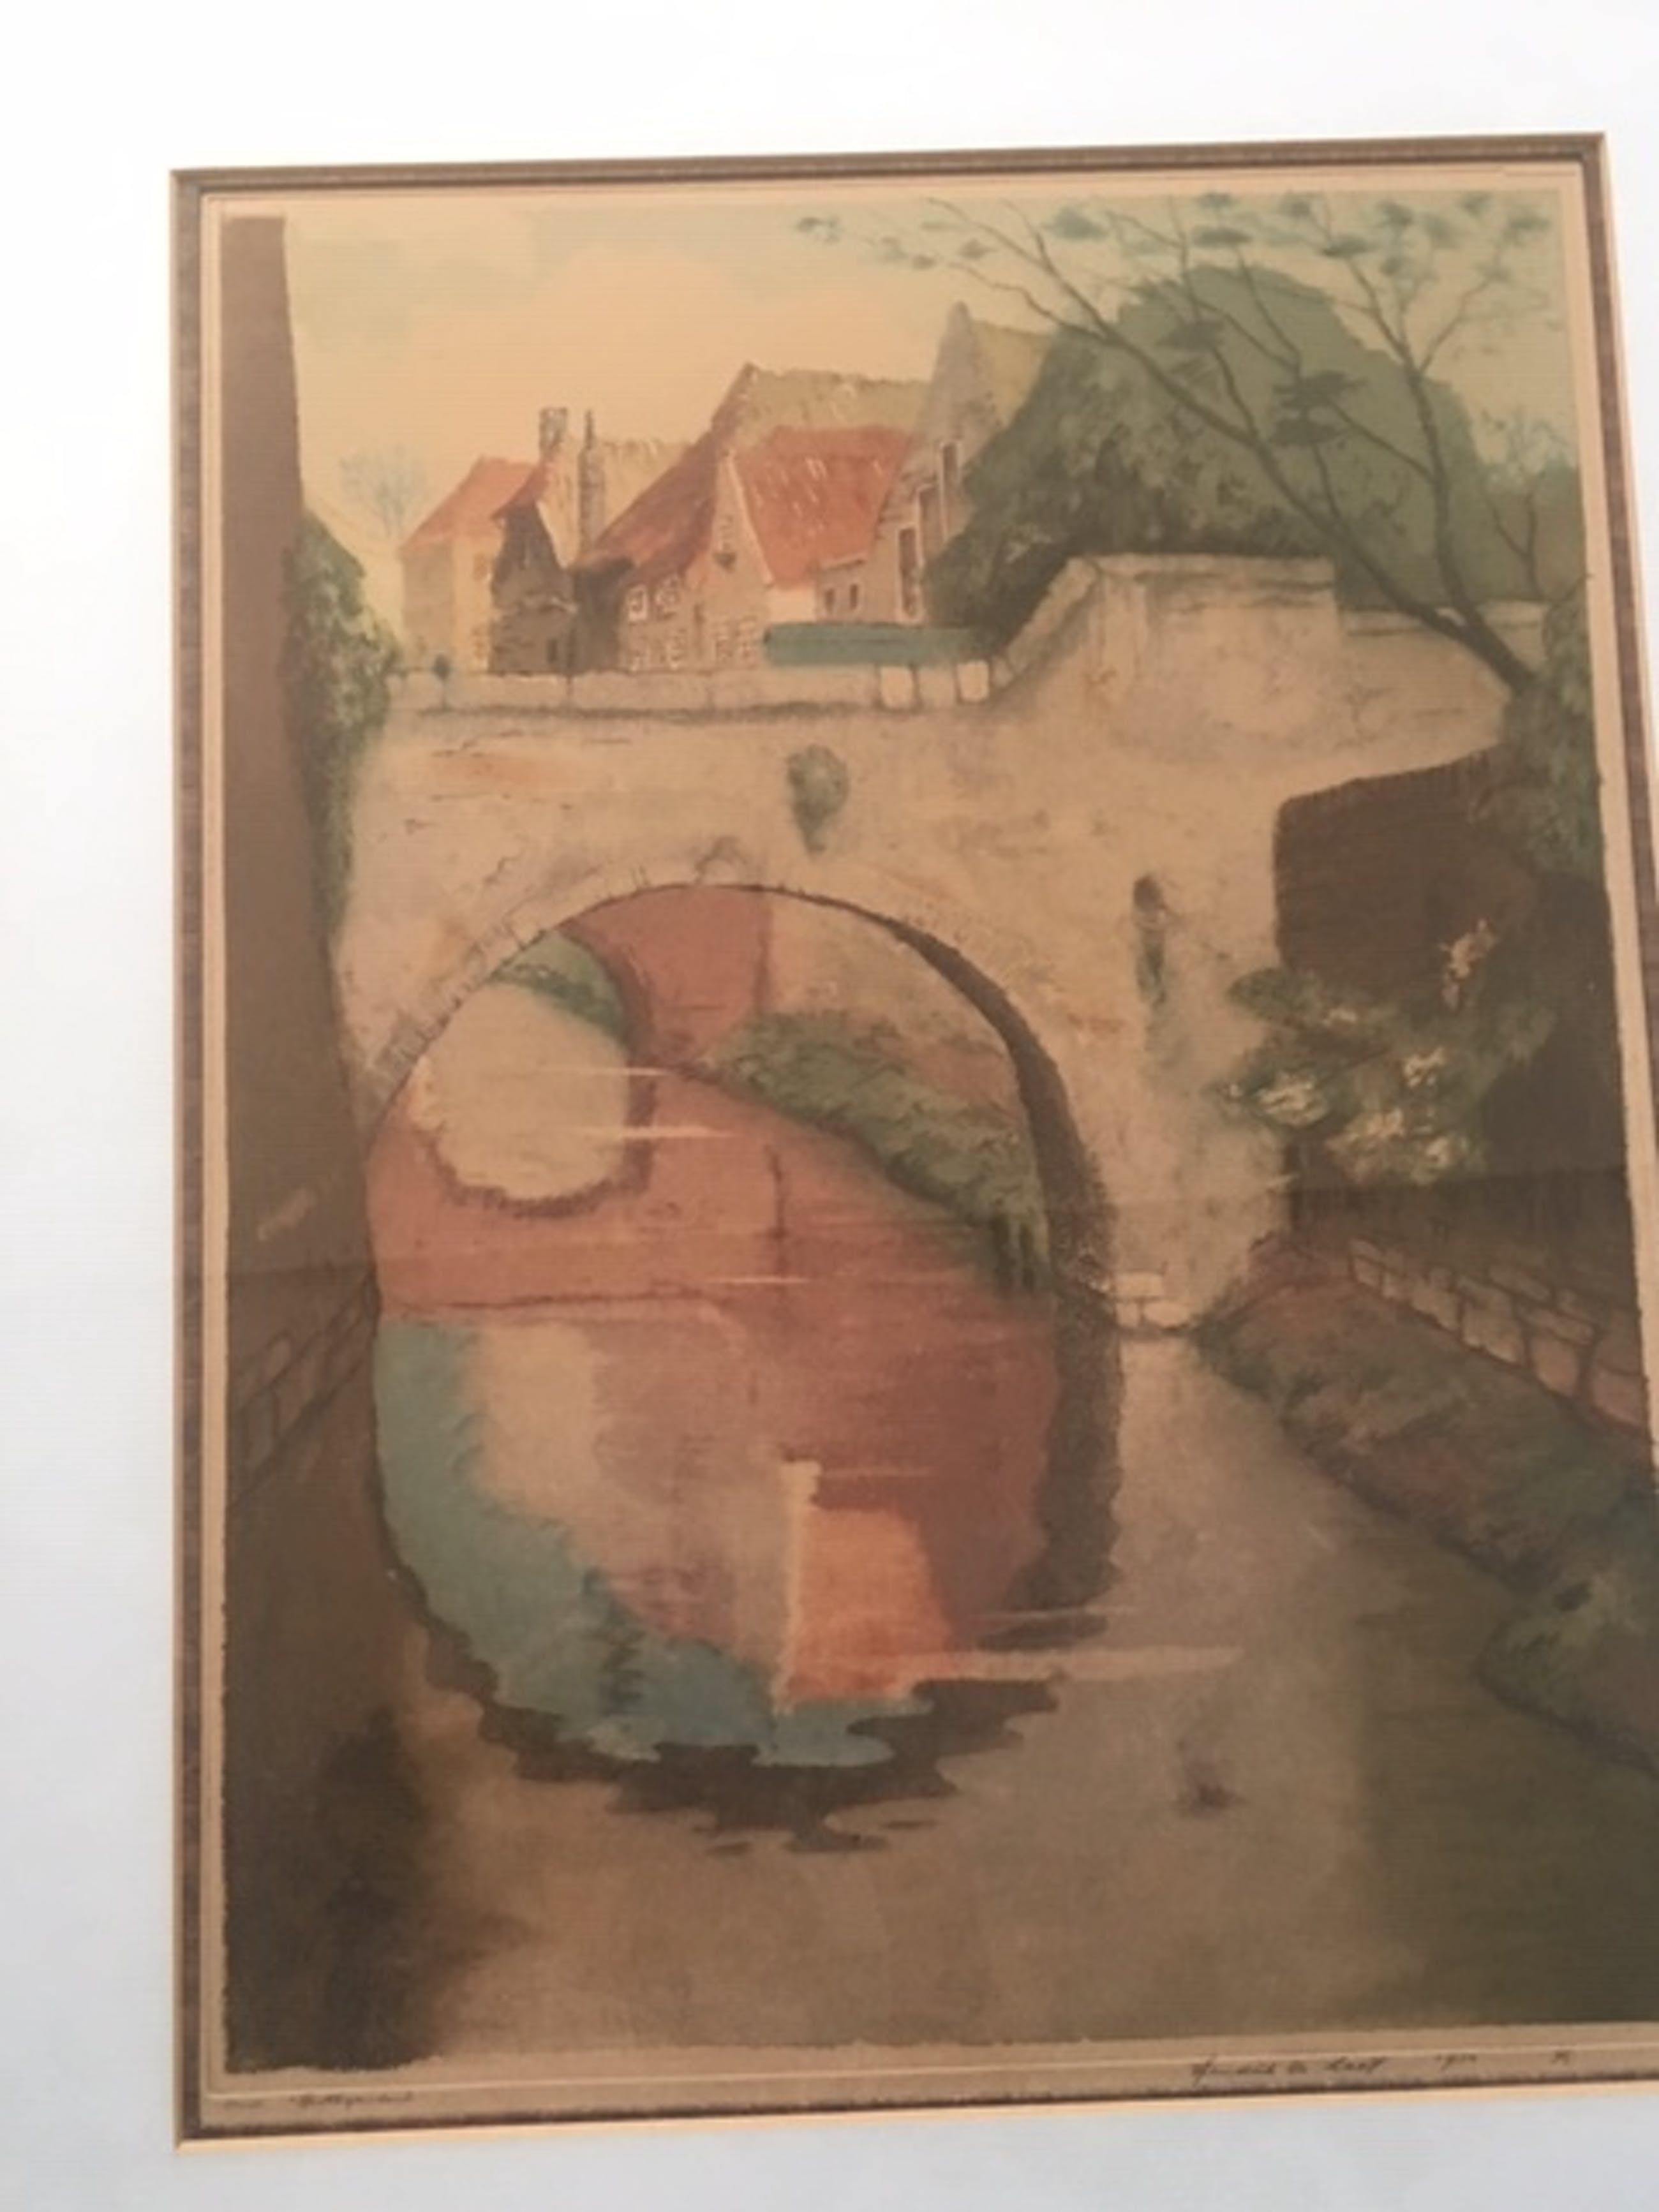 Hendrik de Laat - Oud s Hertogenbosch kopen? Bied vanaf 80!